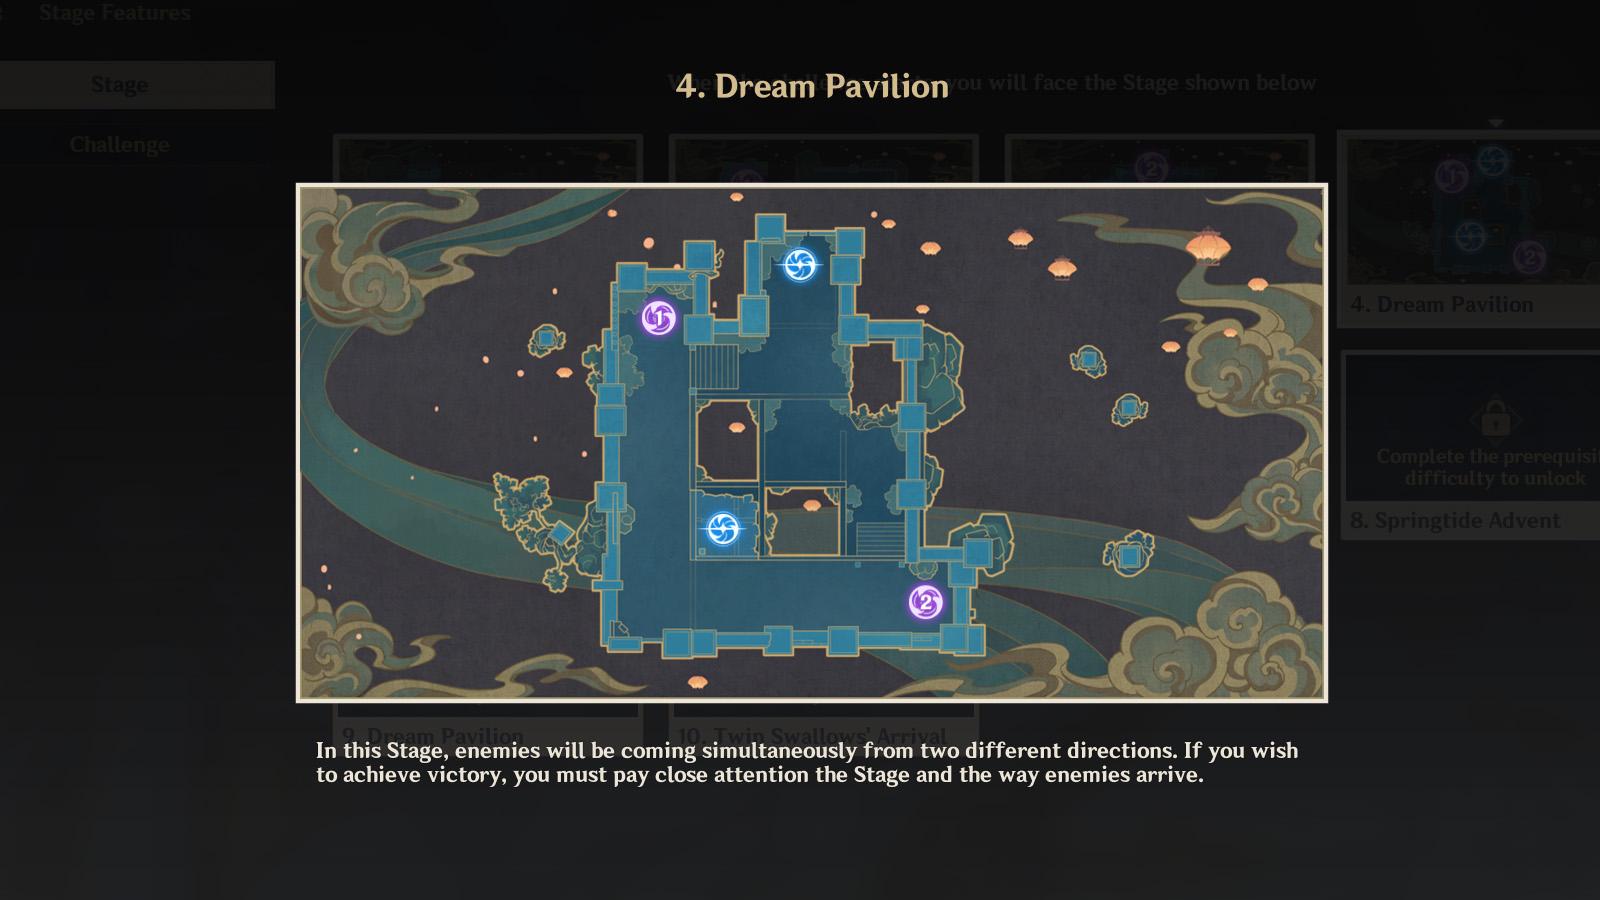 Dream-Pavilion